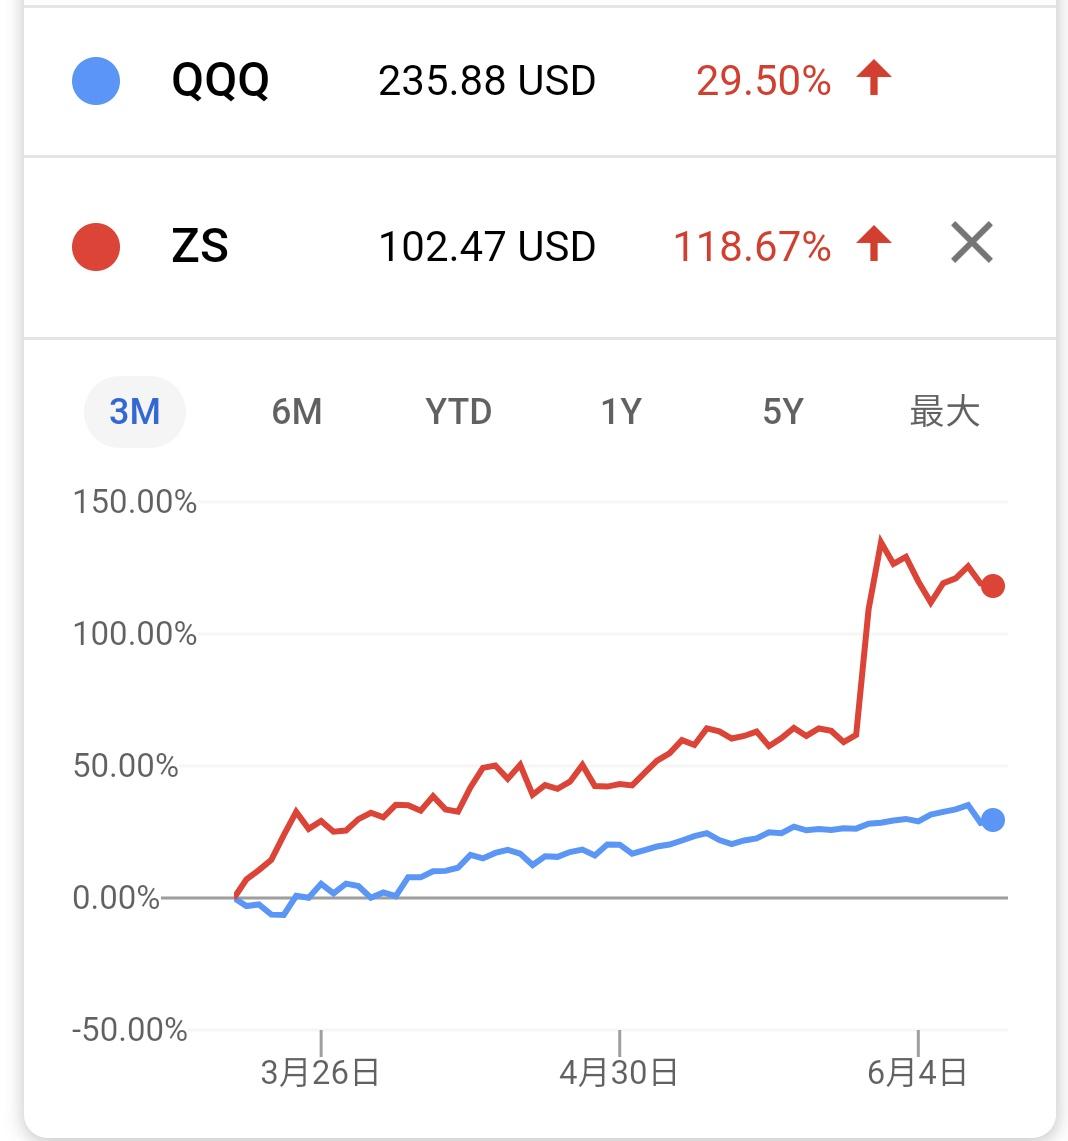 ゼット スケーラー の 株価